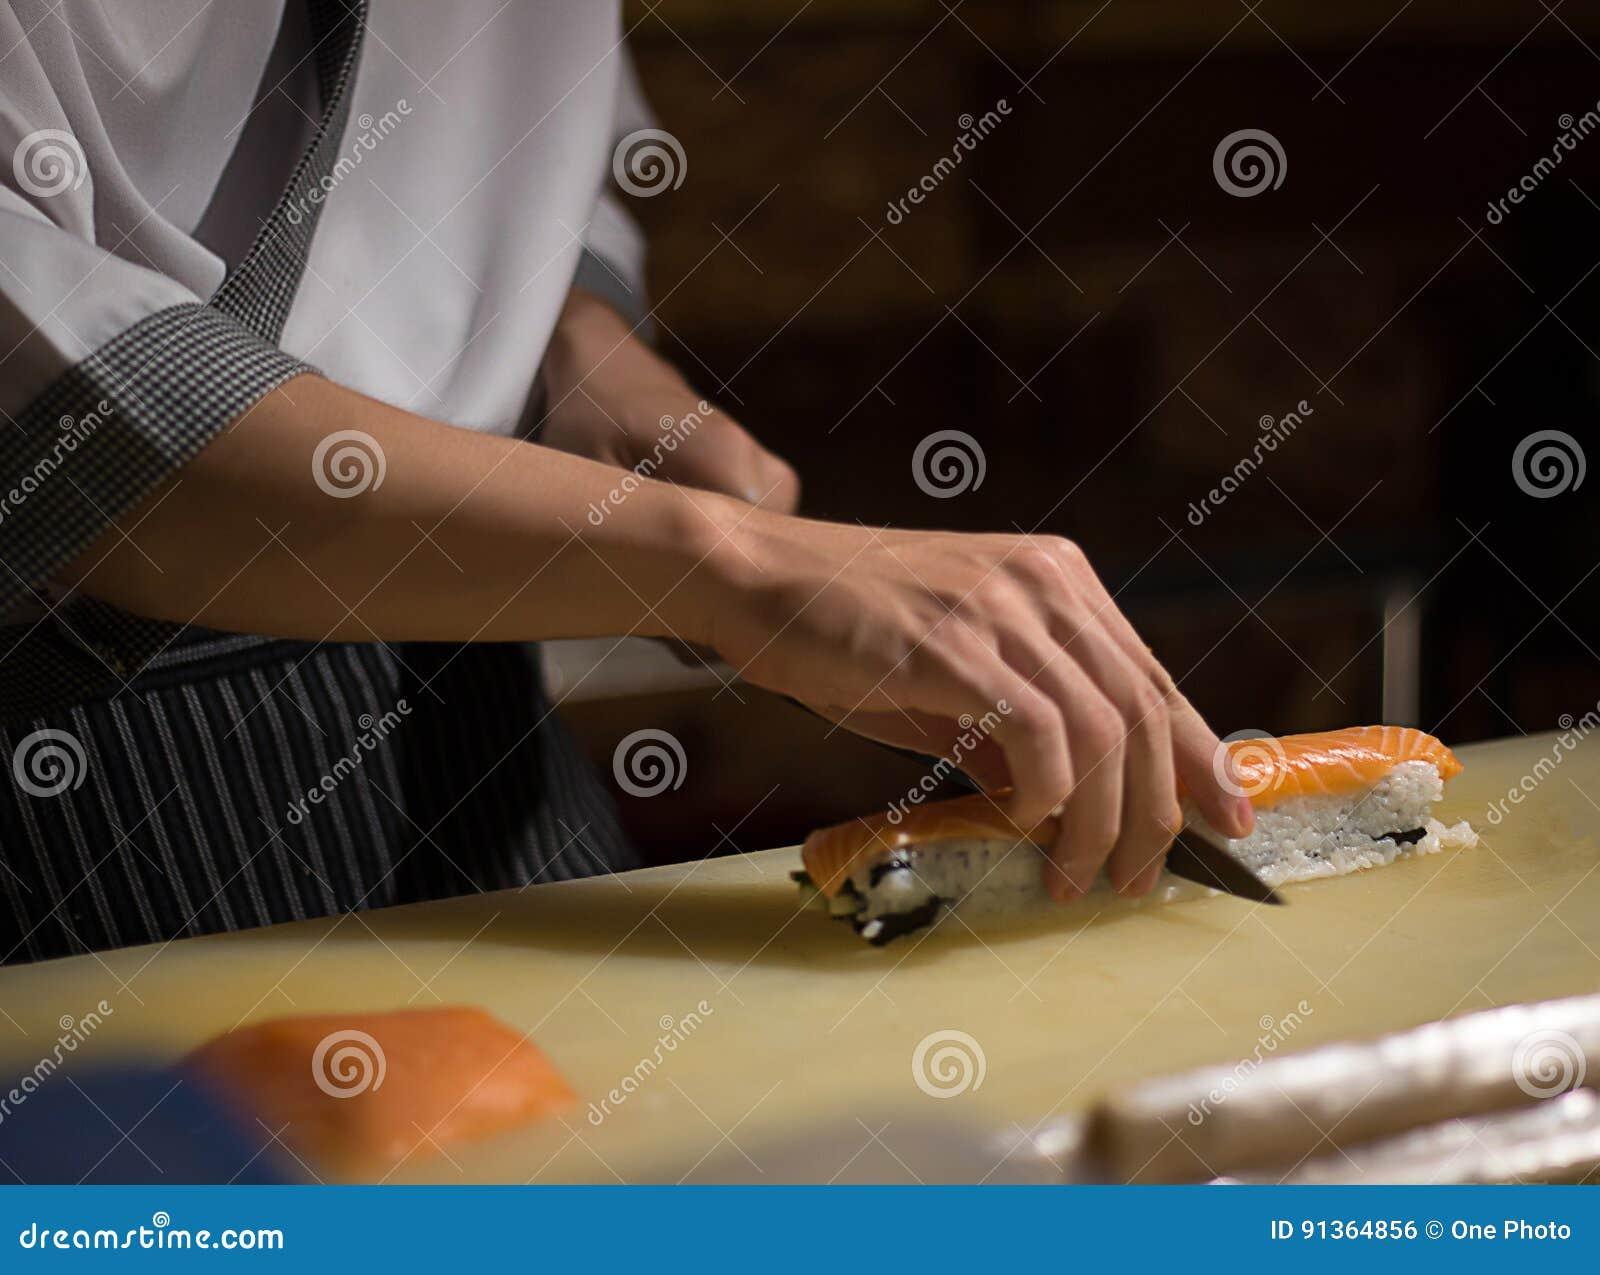 Culinária de Japanese do cozinheiro chefe na cozinha do hotel ou do restaurante que cozinha, sobre